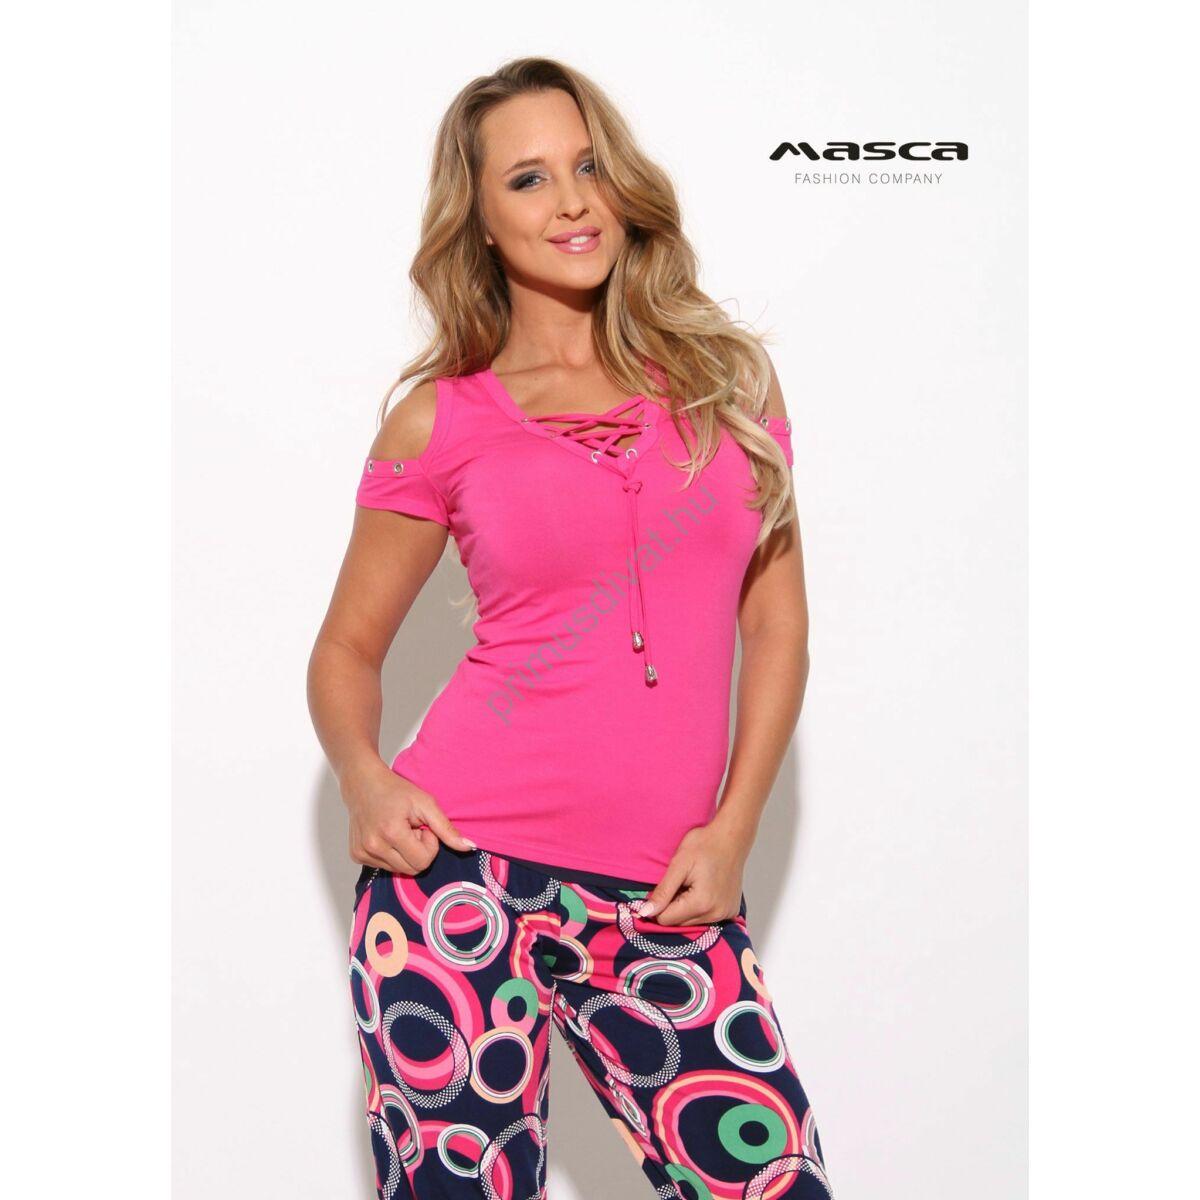 e7695685d6 Kép 1/1 - Masca Fashion fűzős V-nyakú, nyitott vállú rövid ujjú pink felső